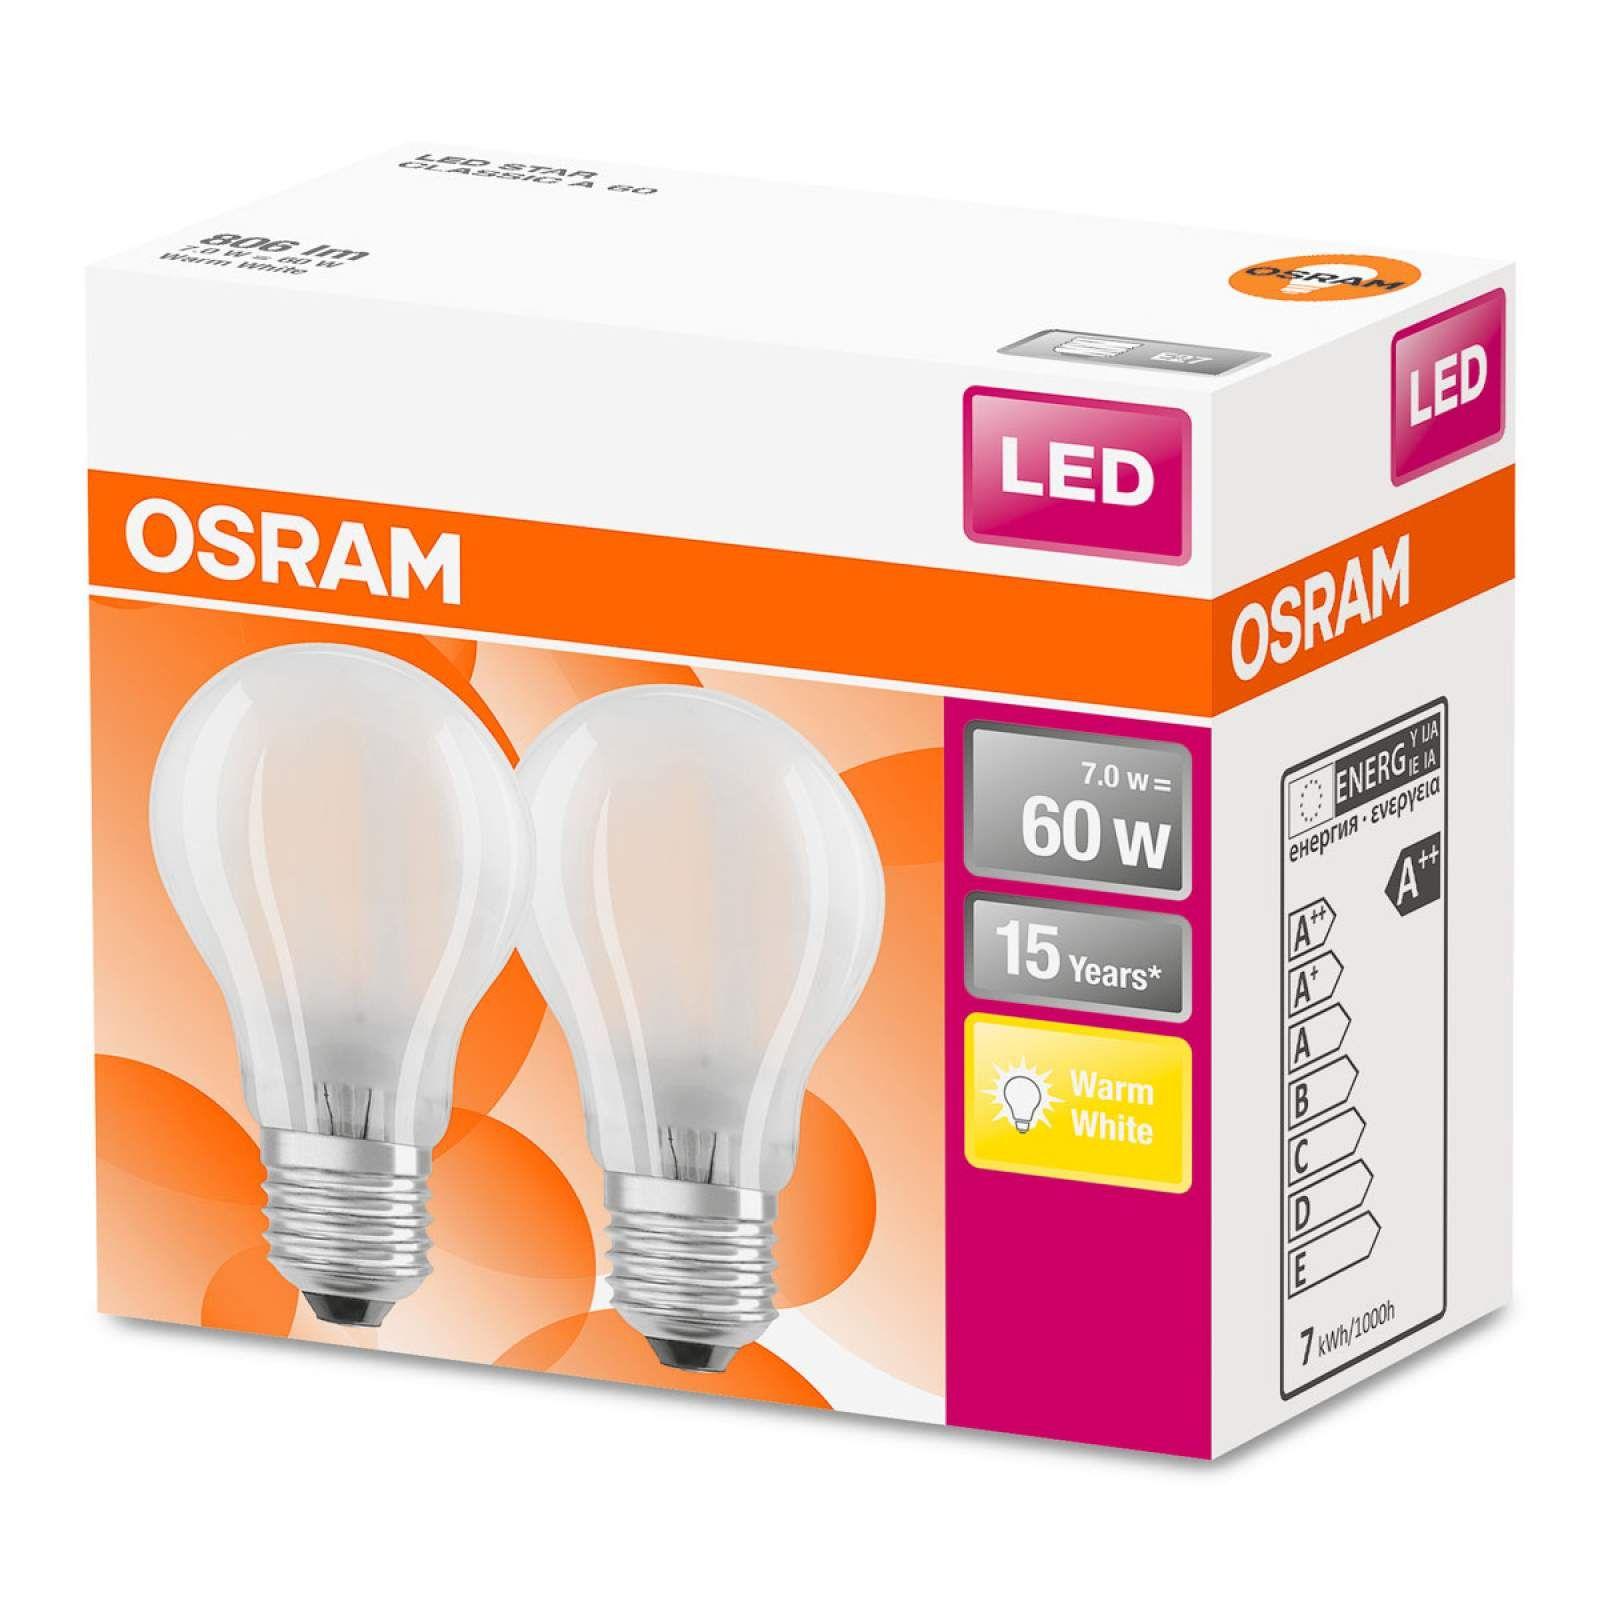 Osram Led Lampe E27 7w Warmweiss Im 2er Set Led Led Lampe Und Osram